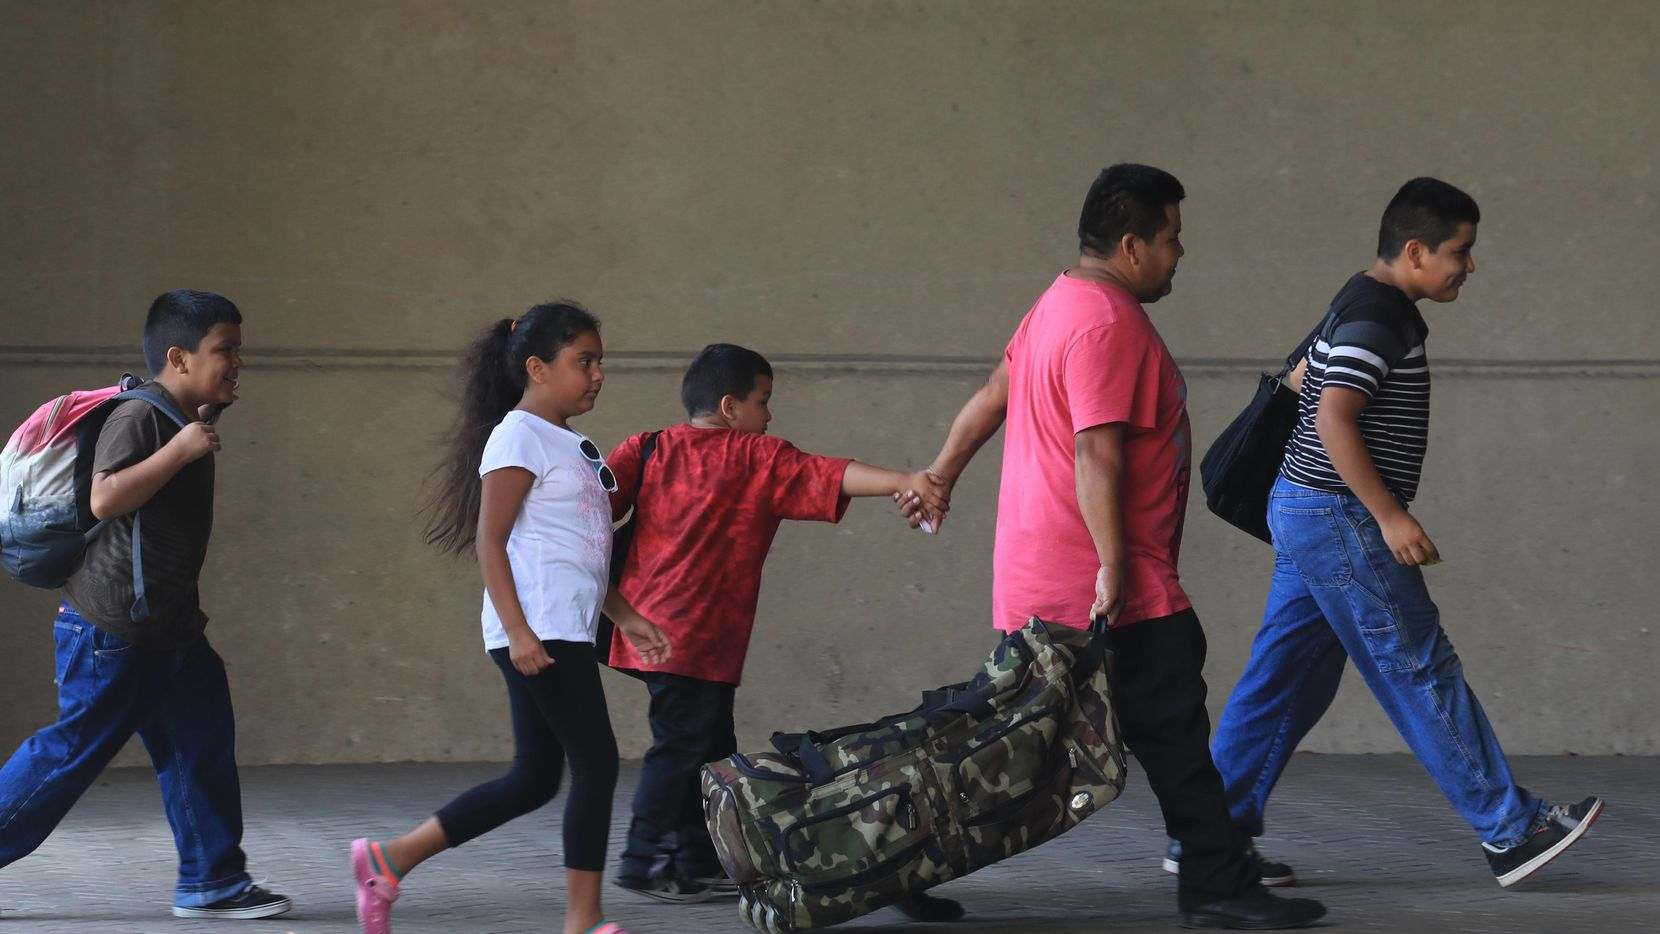 Cientos de personas llegaron a fines de agosto desplazados por el huracán Harvey. La mayoría ya volvió a su ciudad de origen, pero un grupo decidió quedarse en Dallas. (NYT/JIM WILSON)